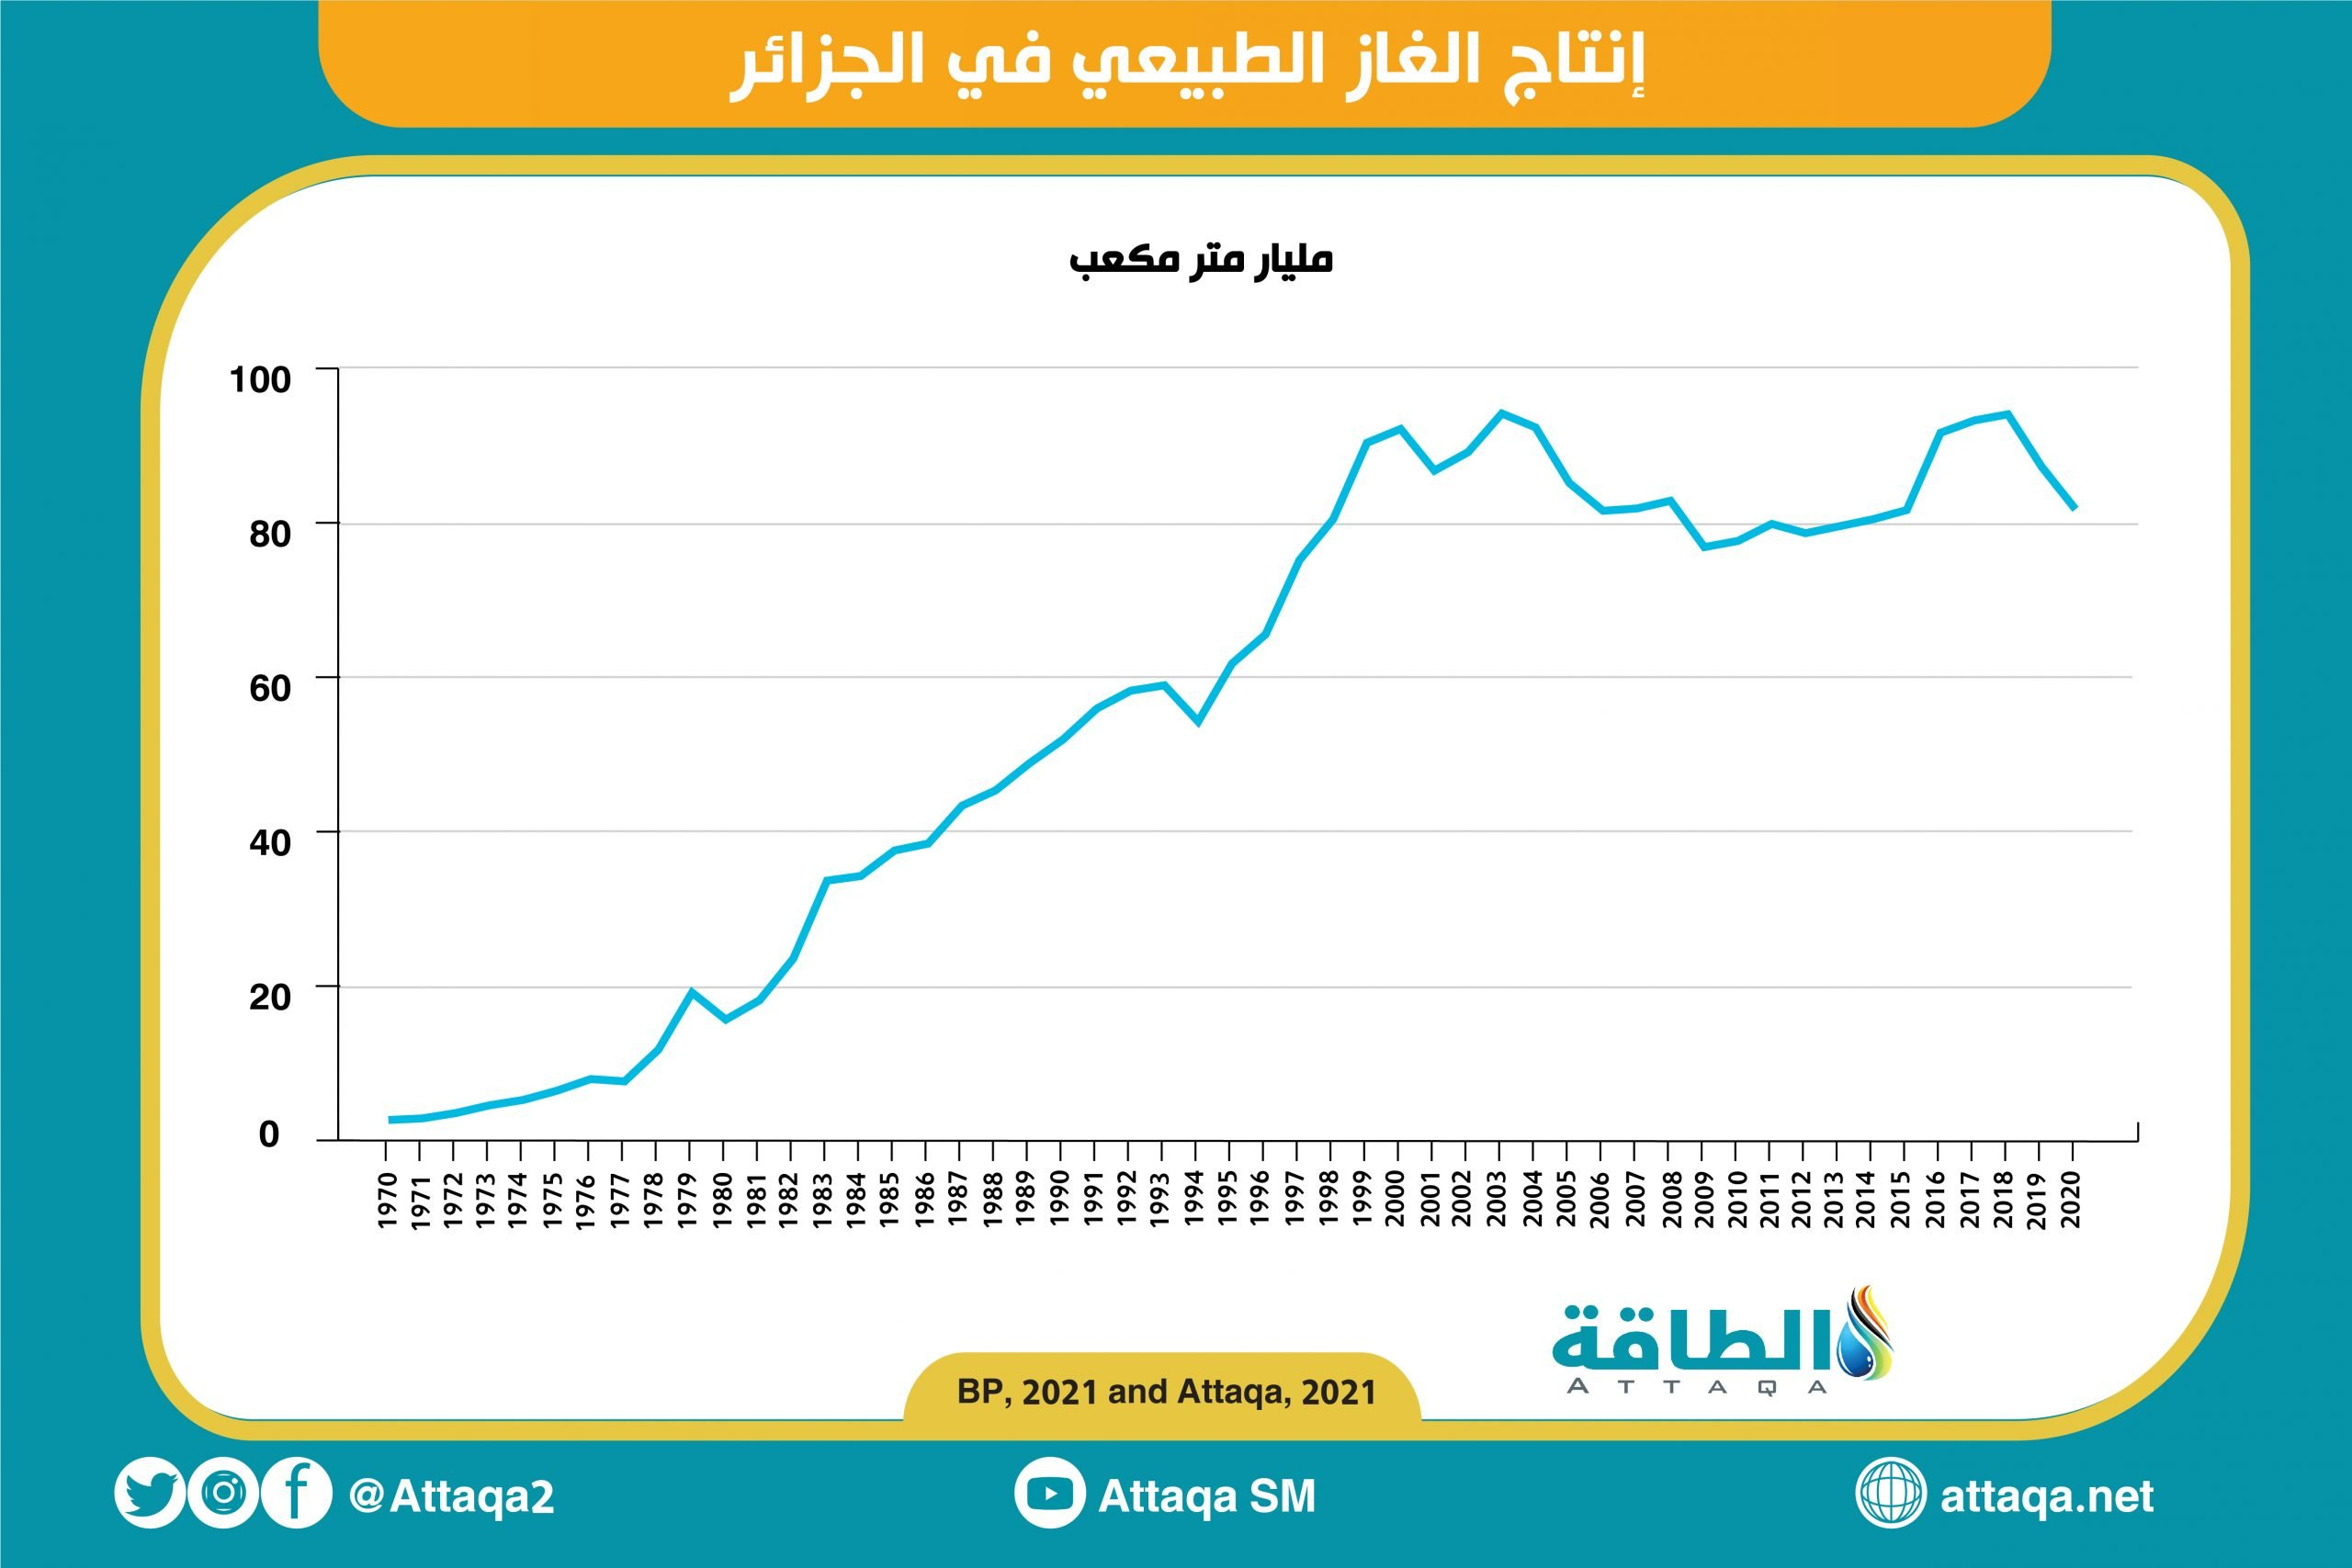 الجزائر - الغاز الطبيعي